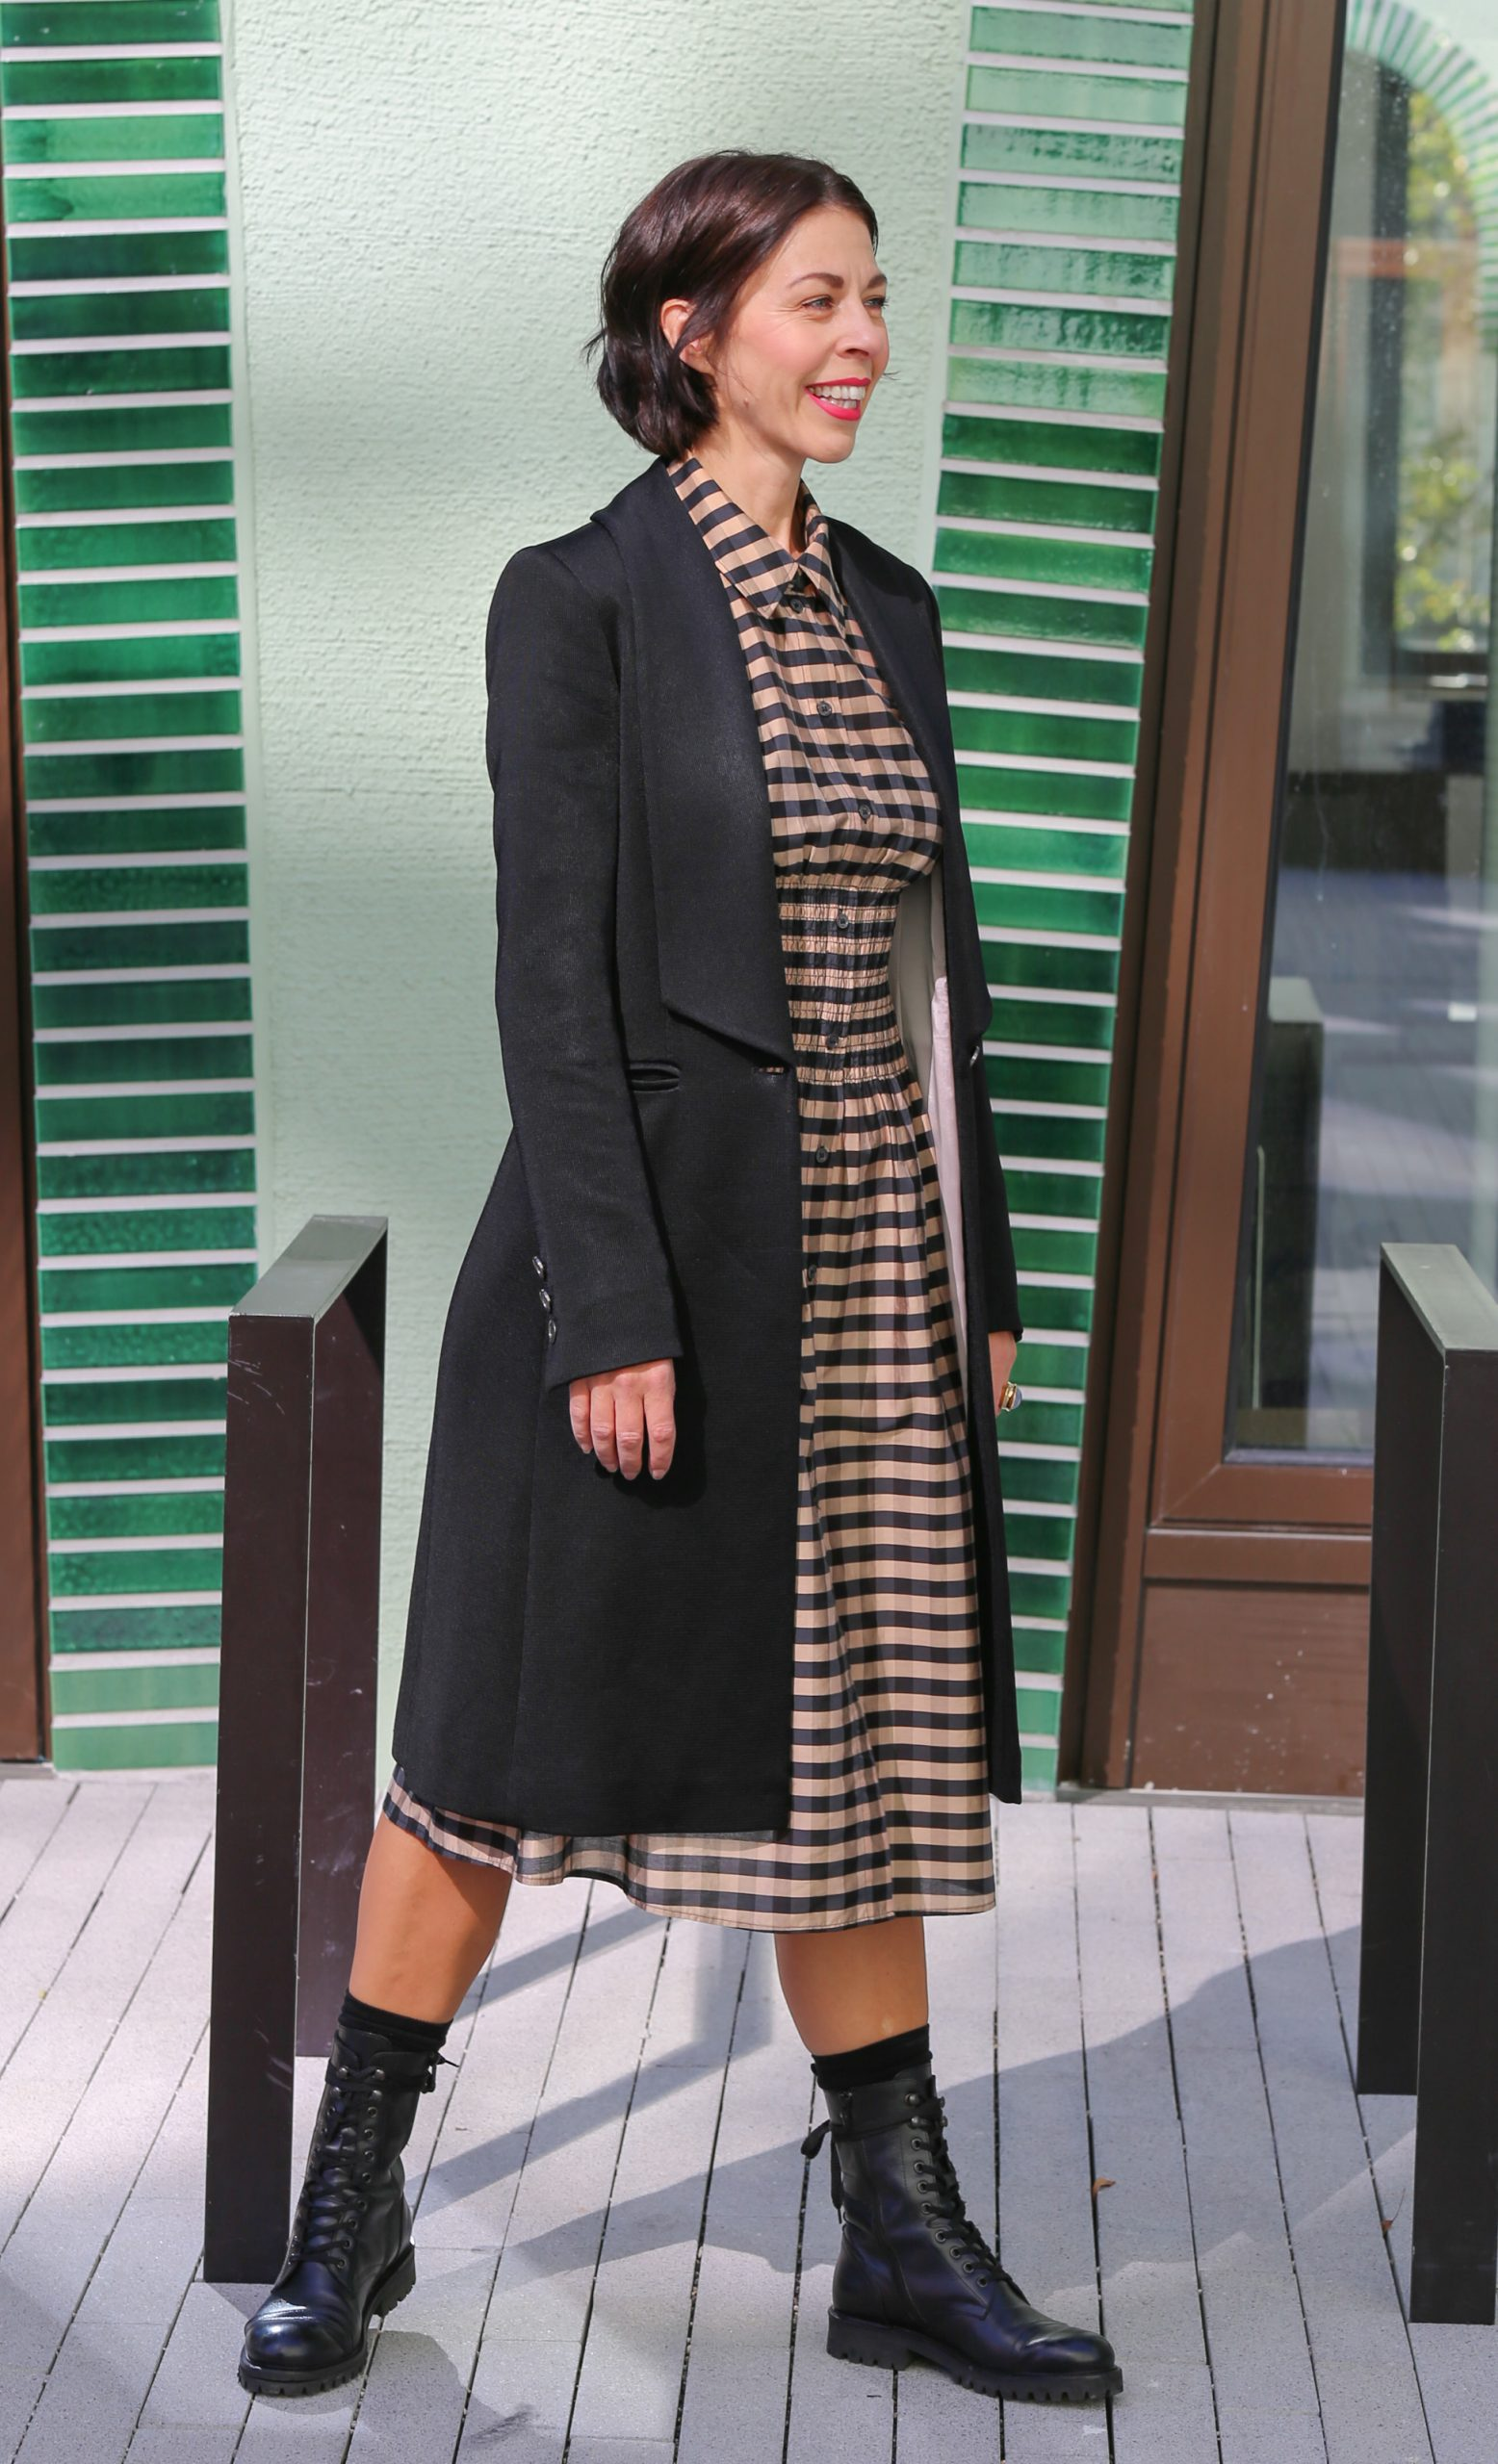 Ausbildung zur Farb- und Stilberaterin Frau mit schwarzem Haar und einem karierten Kleid mit einem schwarzen Longblazer und Schnürstiefel und Sonnenbrille läuft auf dem Fussweg